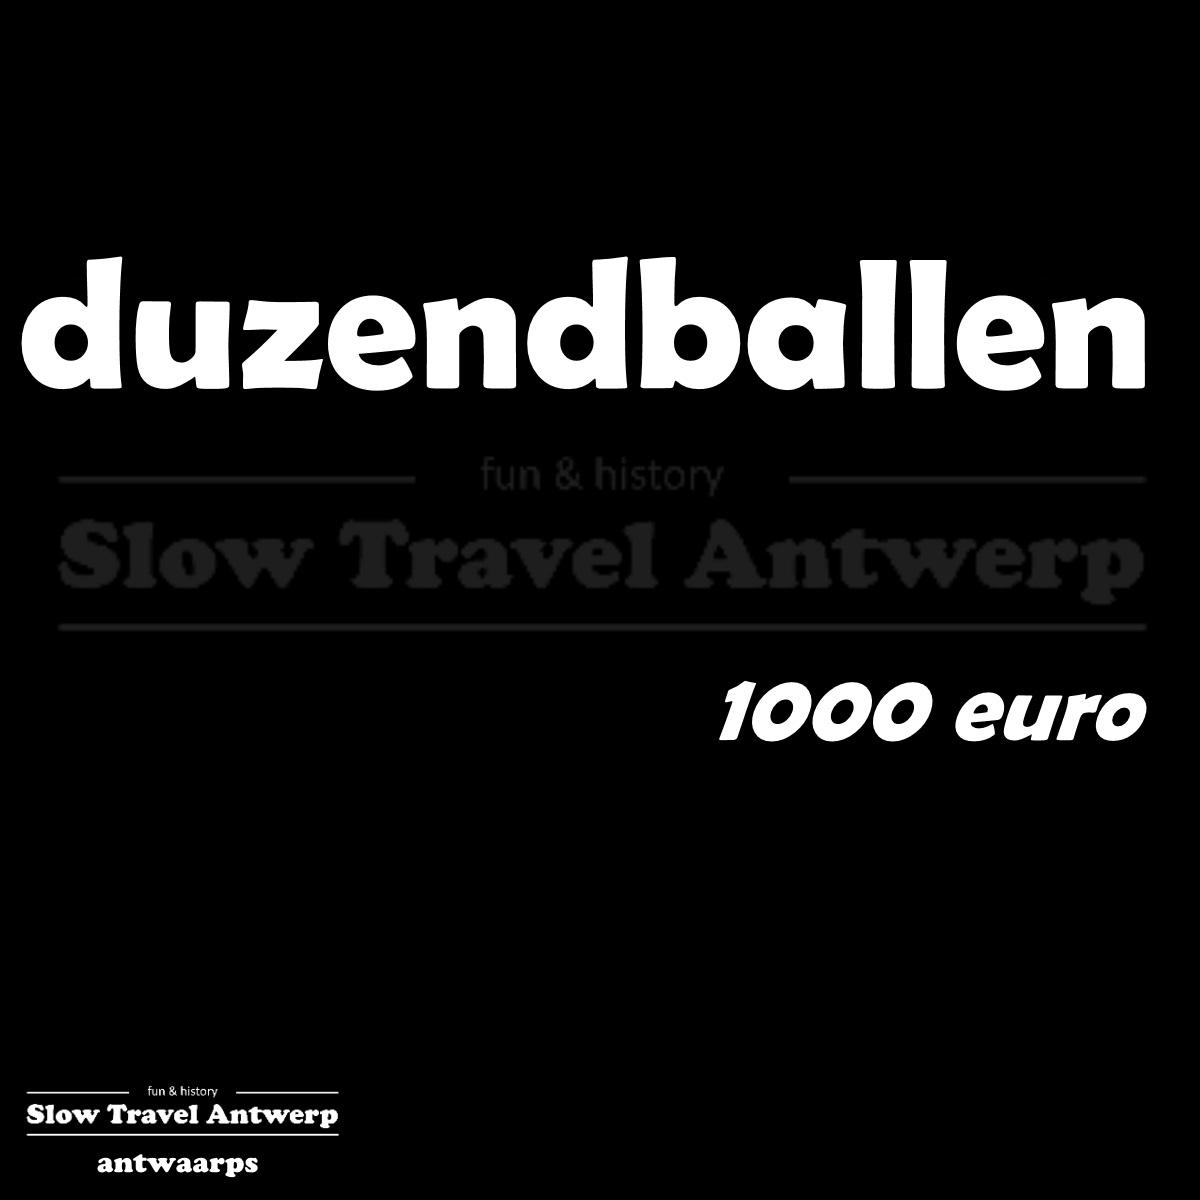 duzendballen – 1000 euro